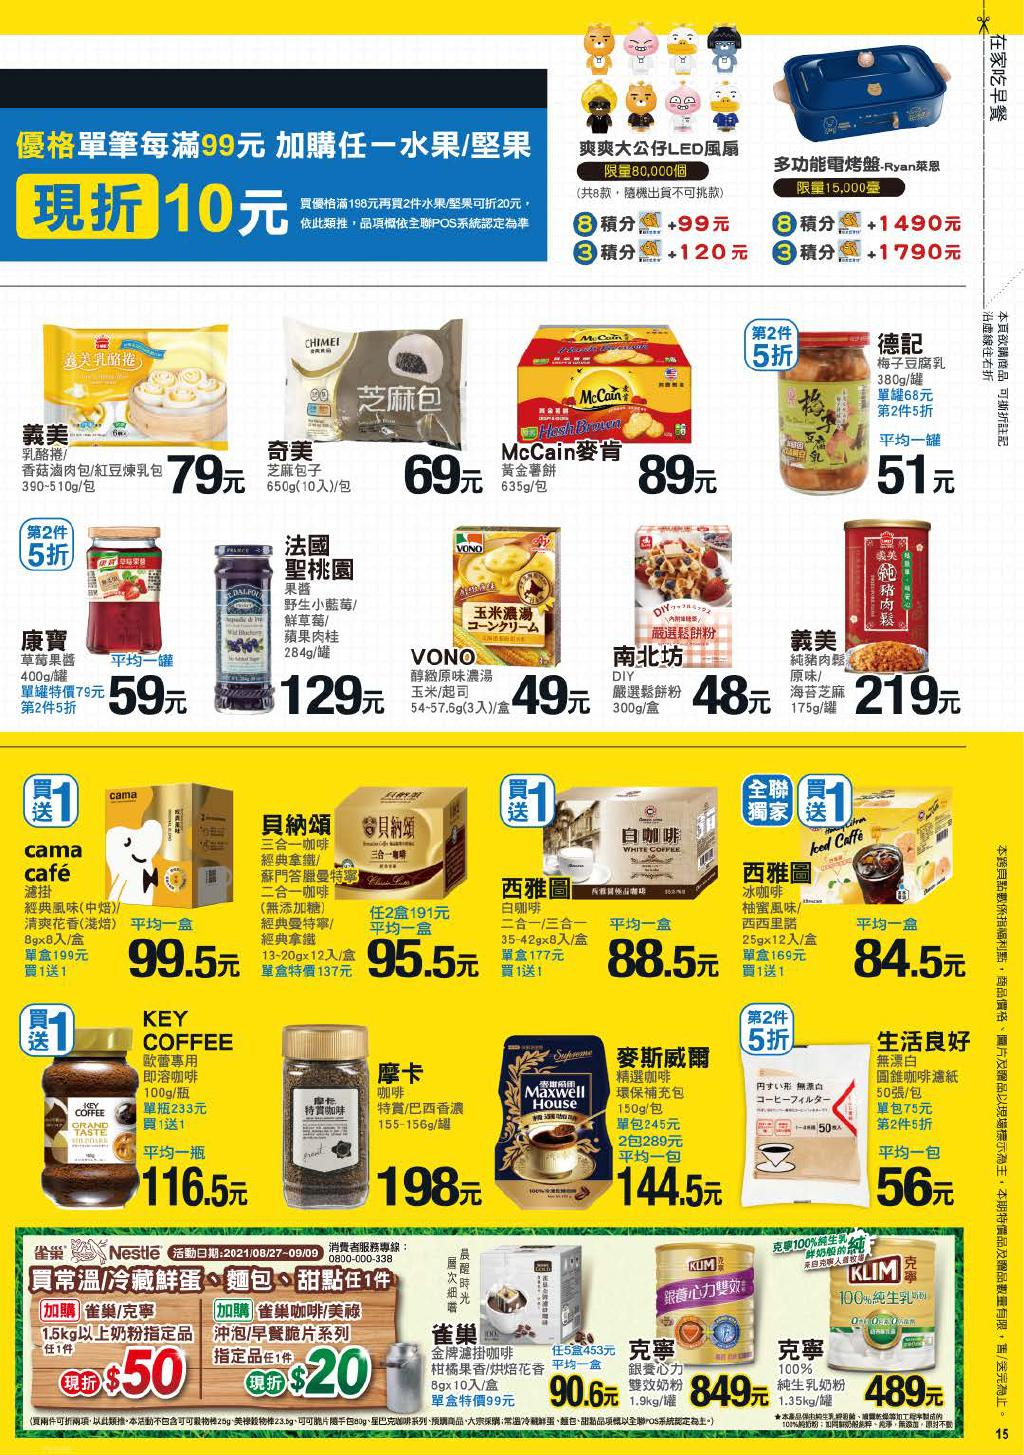 pxmart20210909_000015.jpg